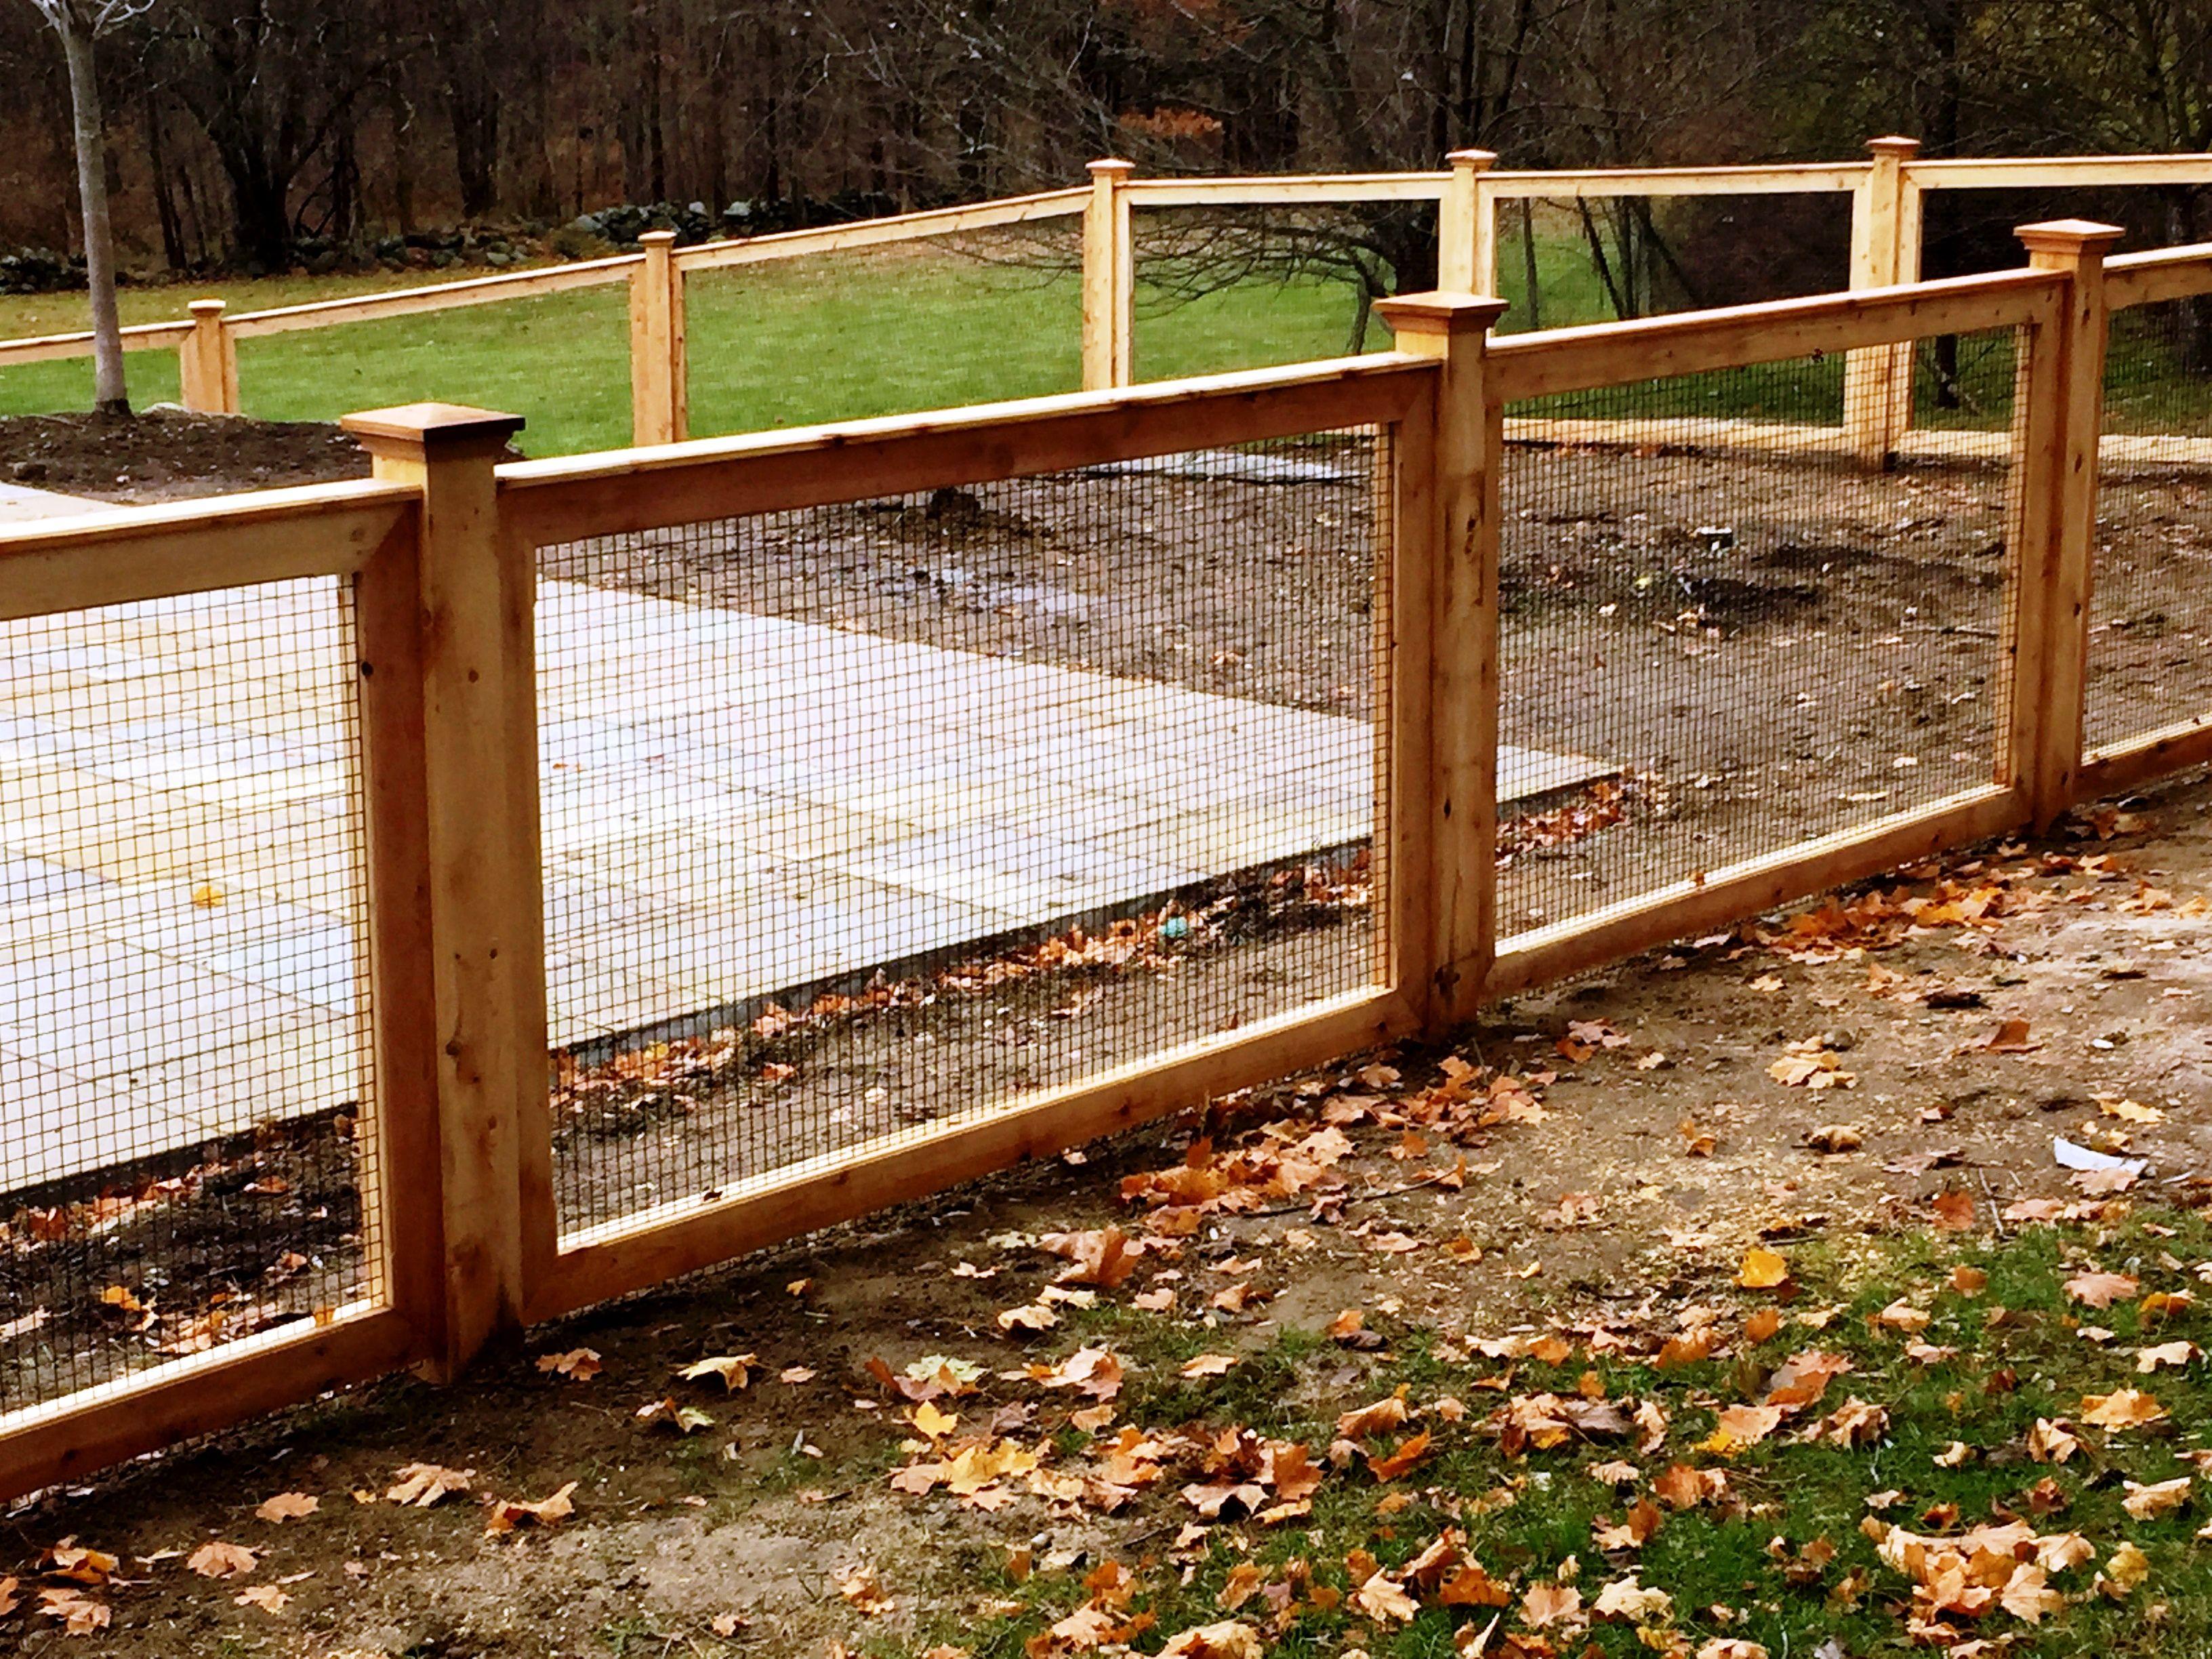 Custom Cedar Deer Fencing With Welded Wire Pool Fence Deer Fence